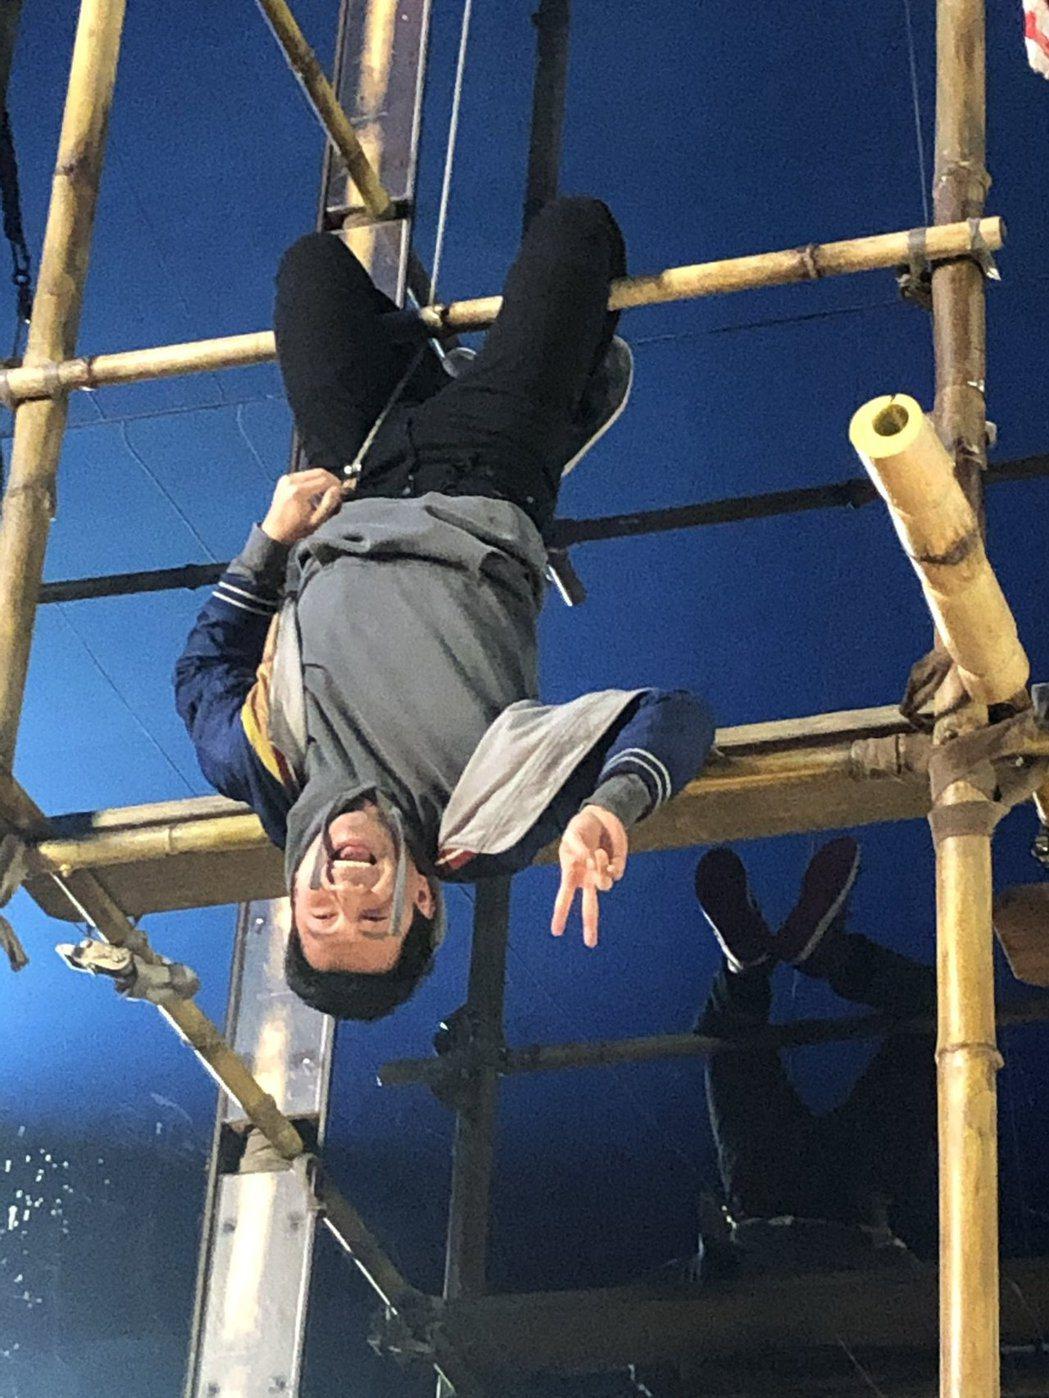 劉思慕在「尚氣與十環傳奇」動作場面拍攝空檔藉機搞笑。圖/摘自twitter